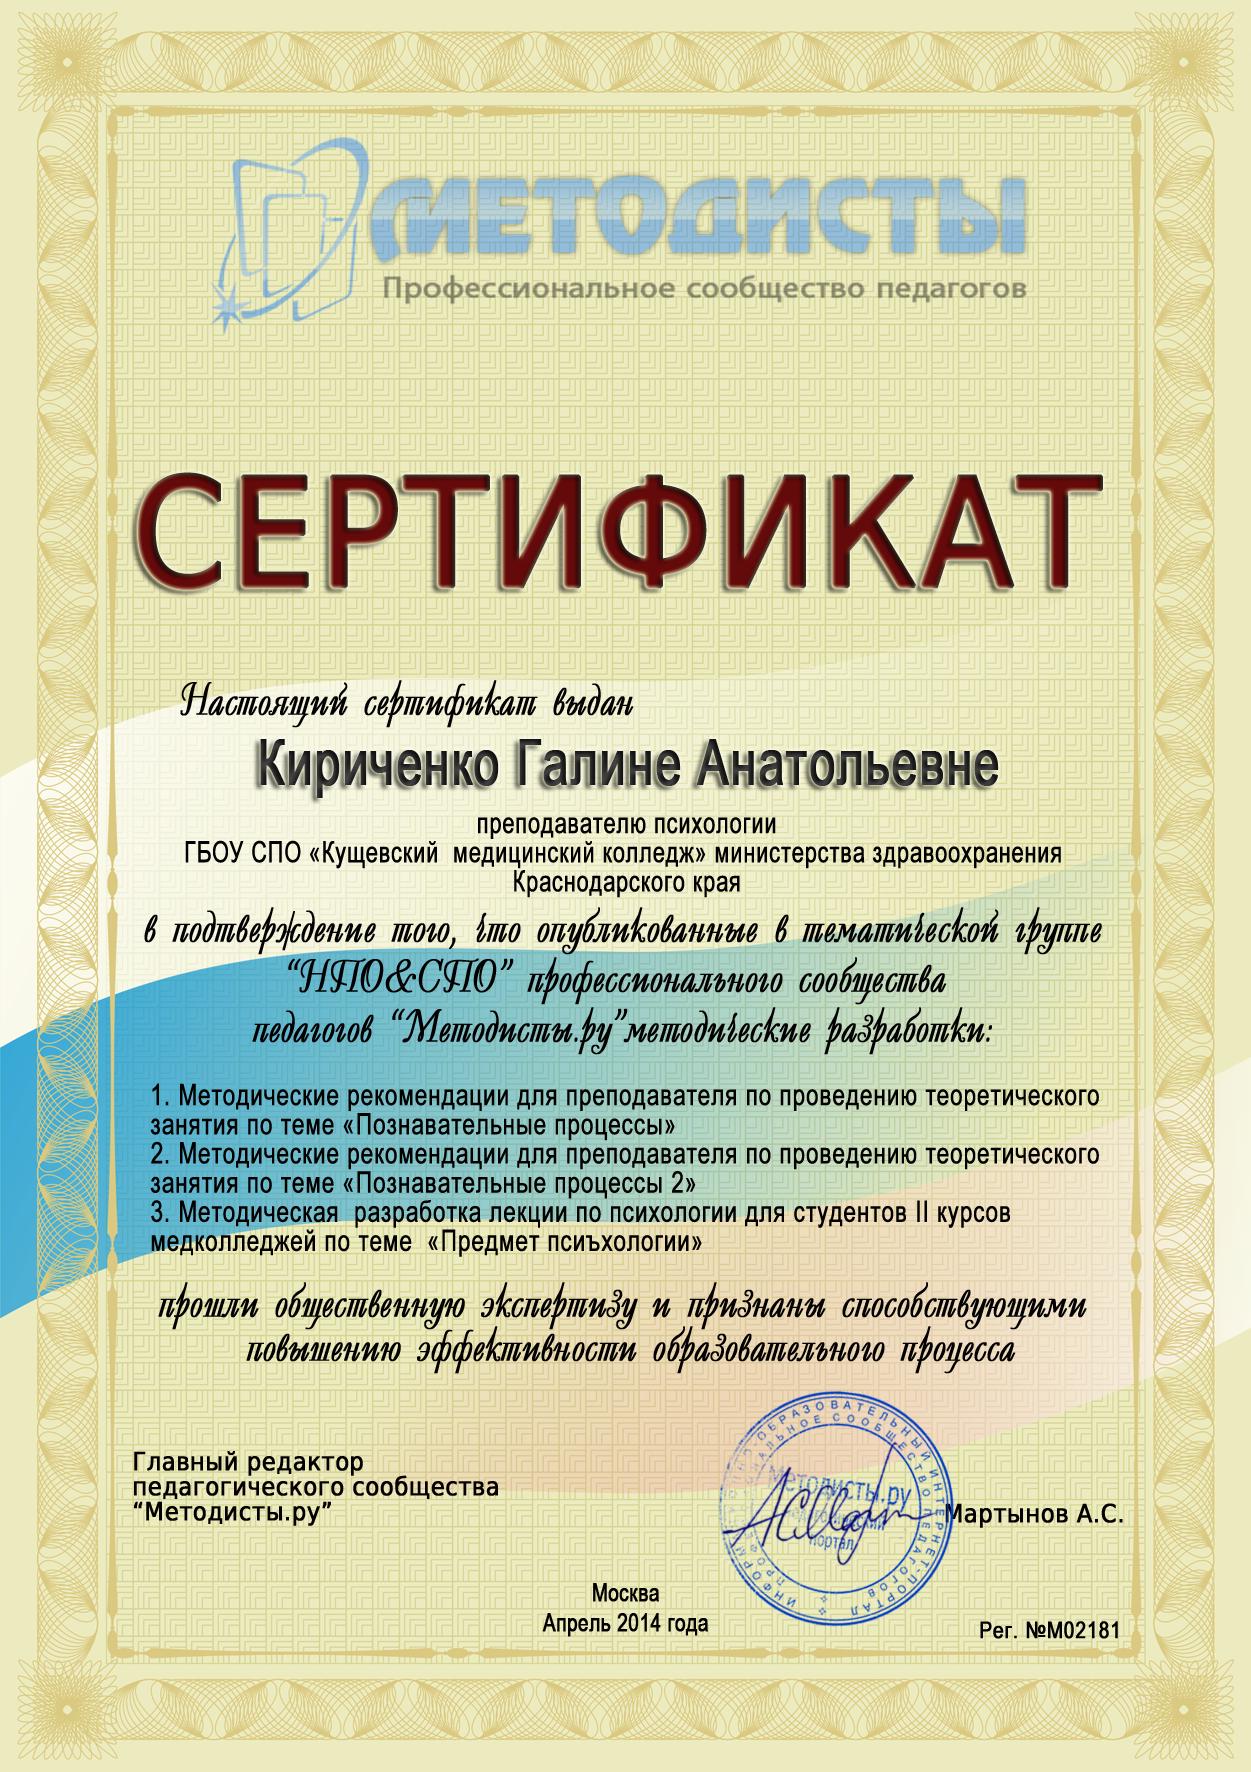 гей форум краснодарского края методические рекомендации